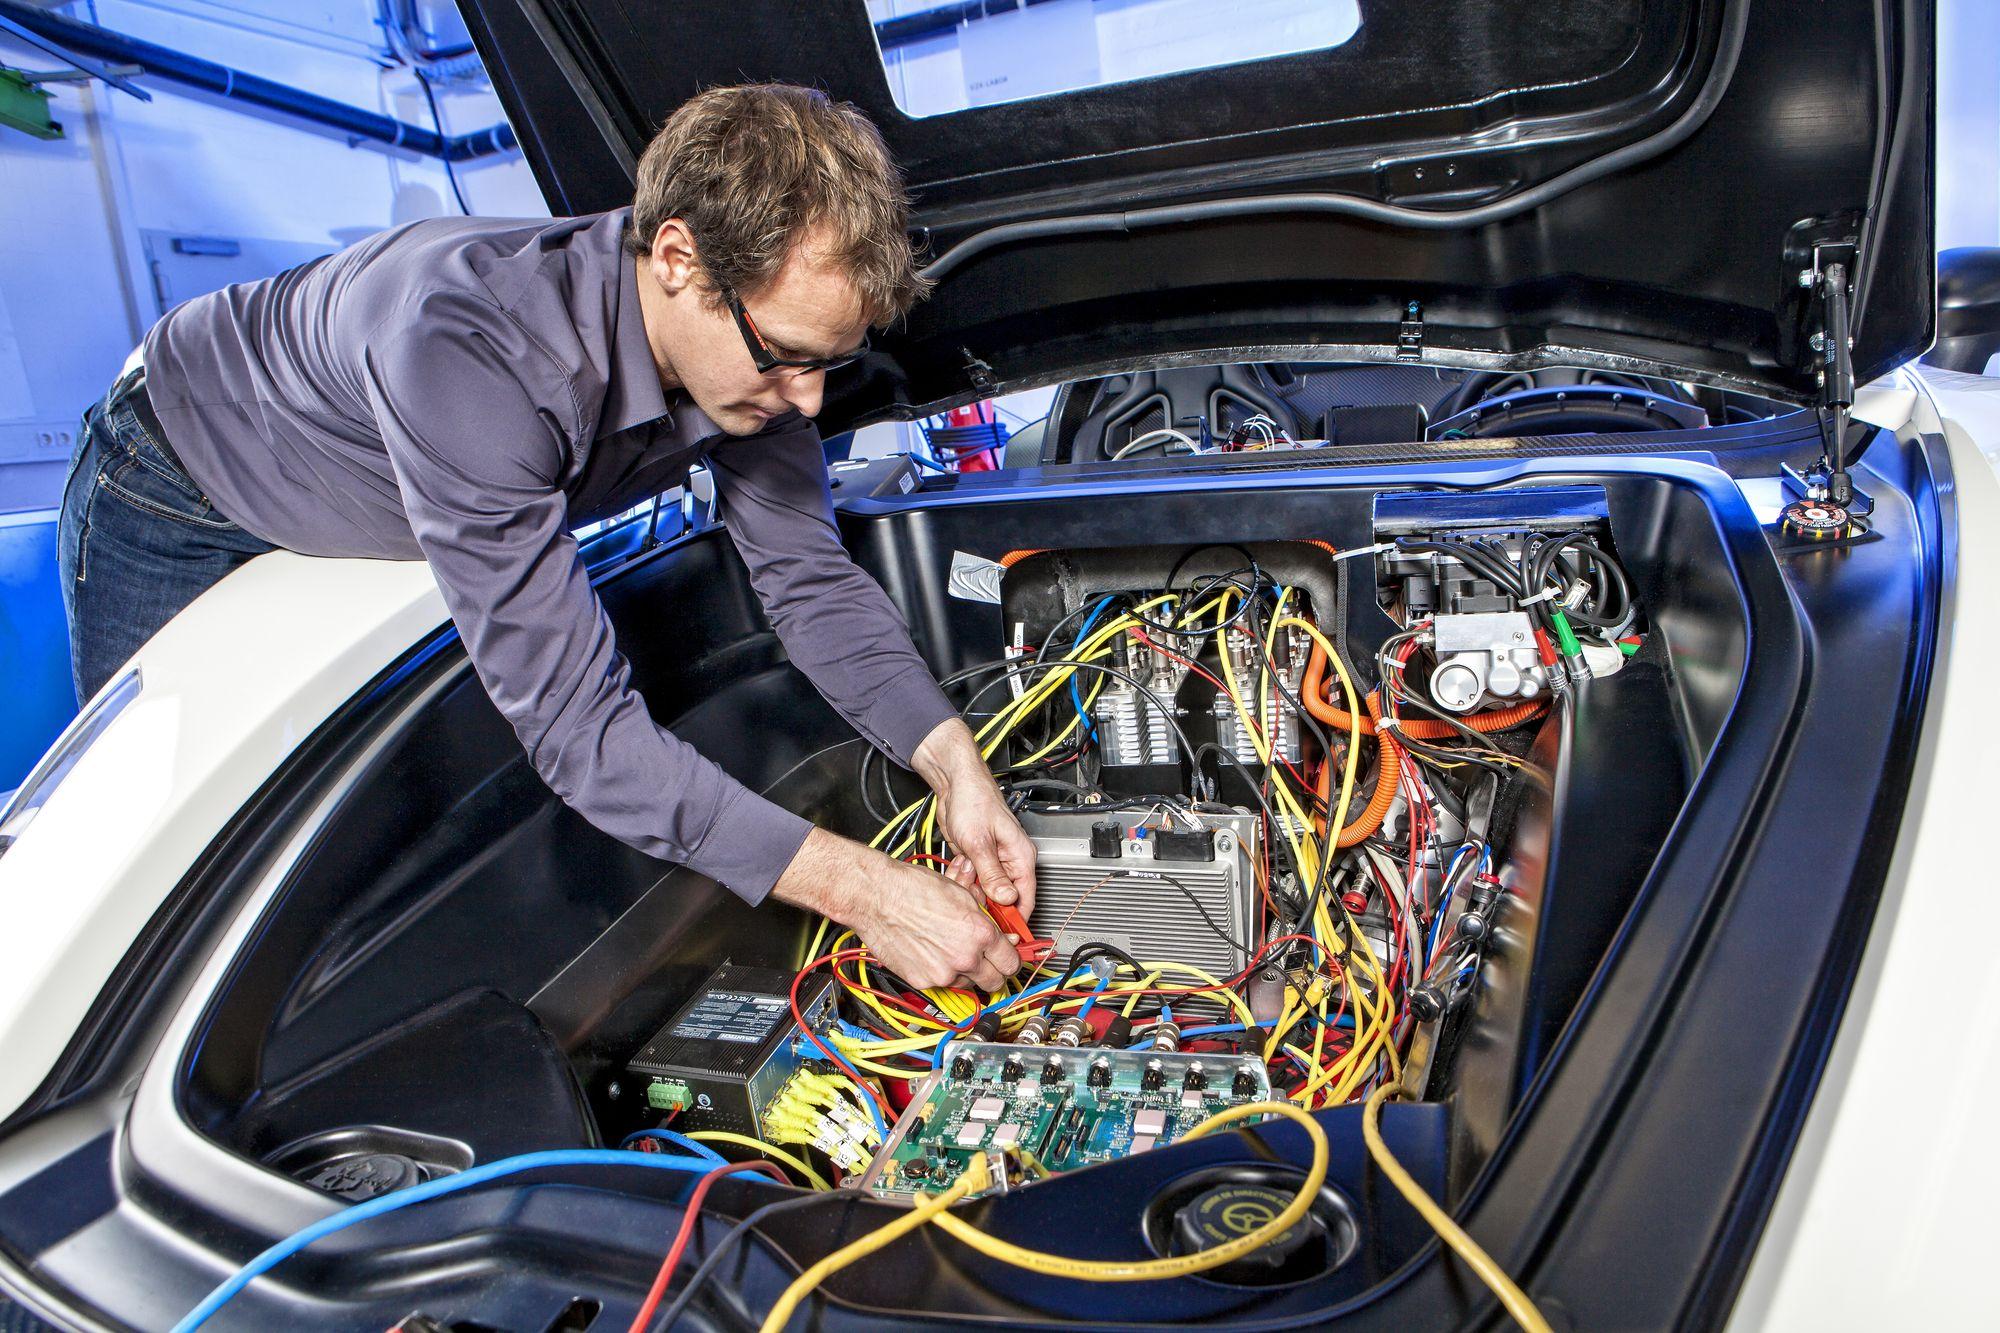 Ремонт автомобиля. Автомобильный электромеханик. Какие услуги он оказывает?